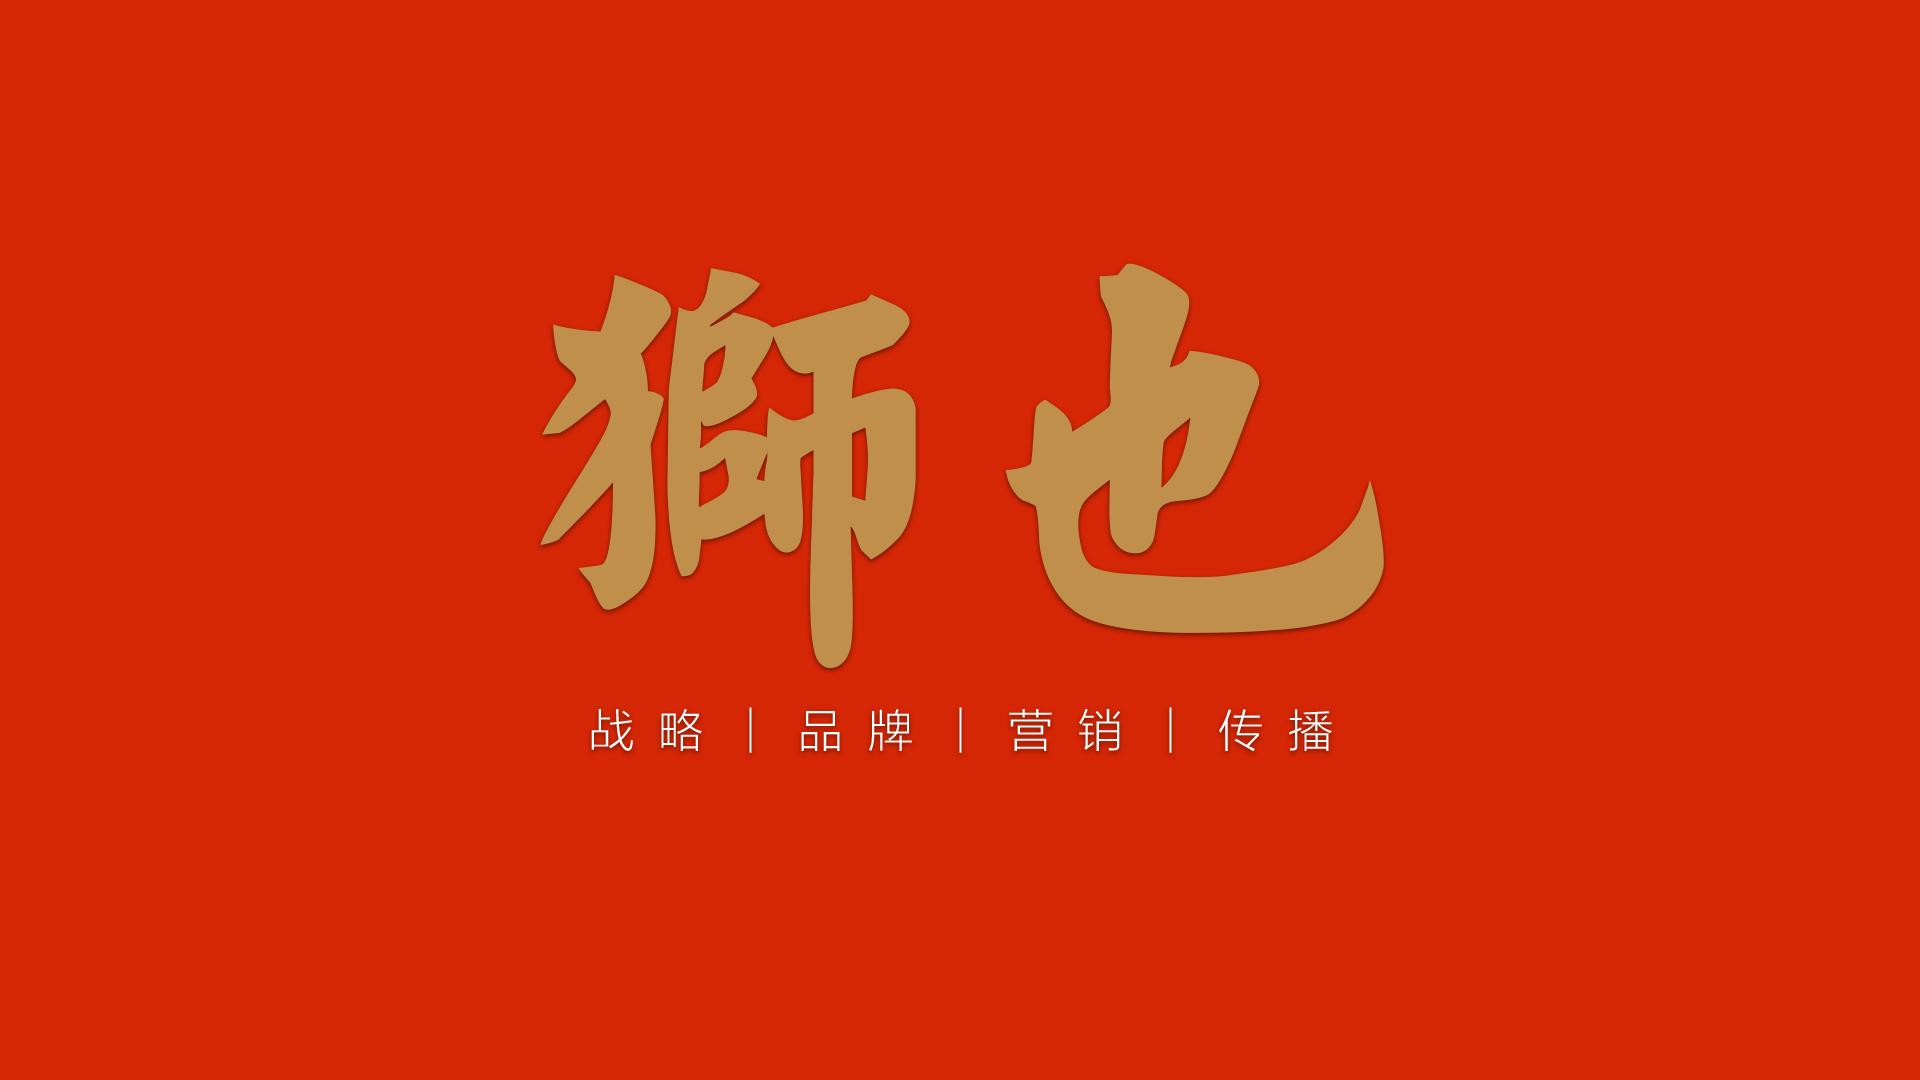 上海营销策划公司—中秋节 新媒体促销活动示例2